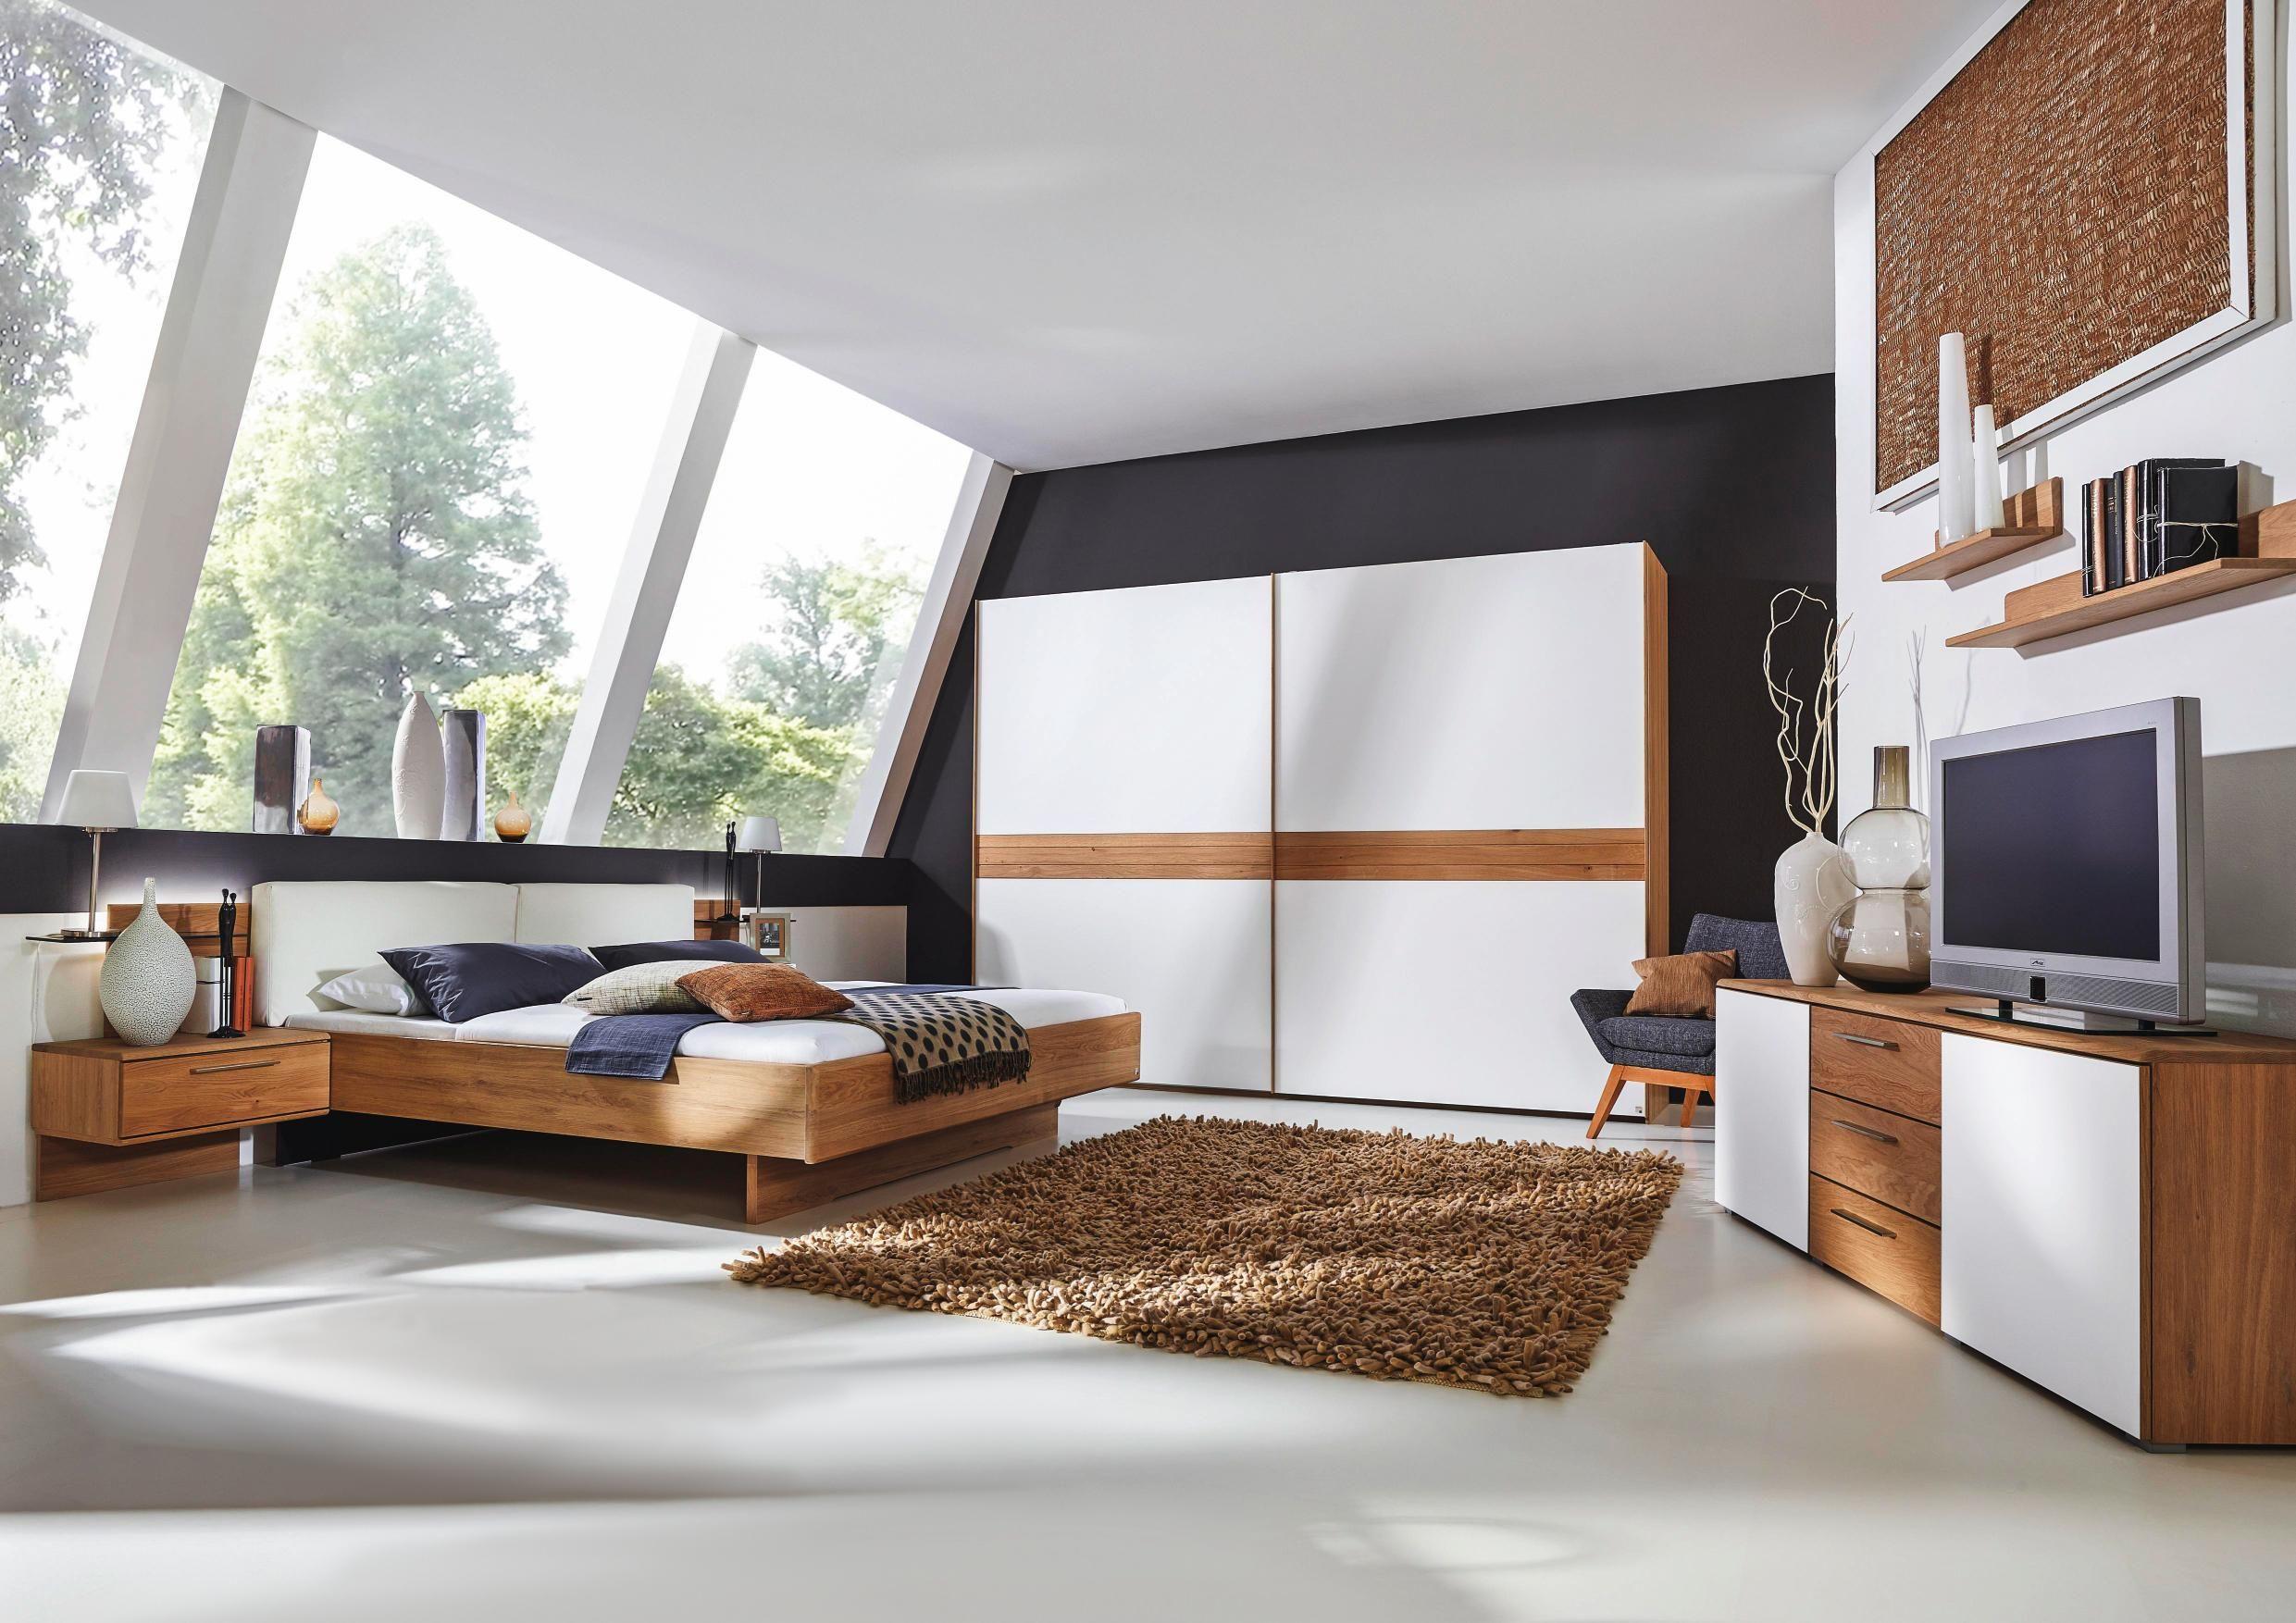 Ihr Neues Schlafzimmer Von Dieter Knoll Hier Werden Wunsche Wahr